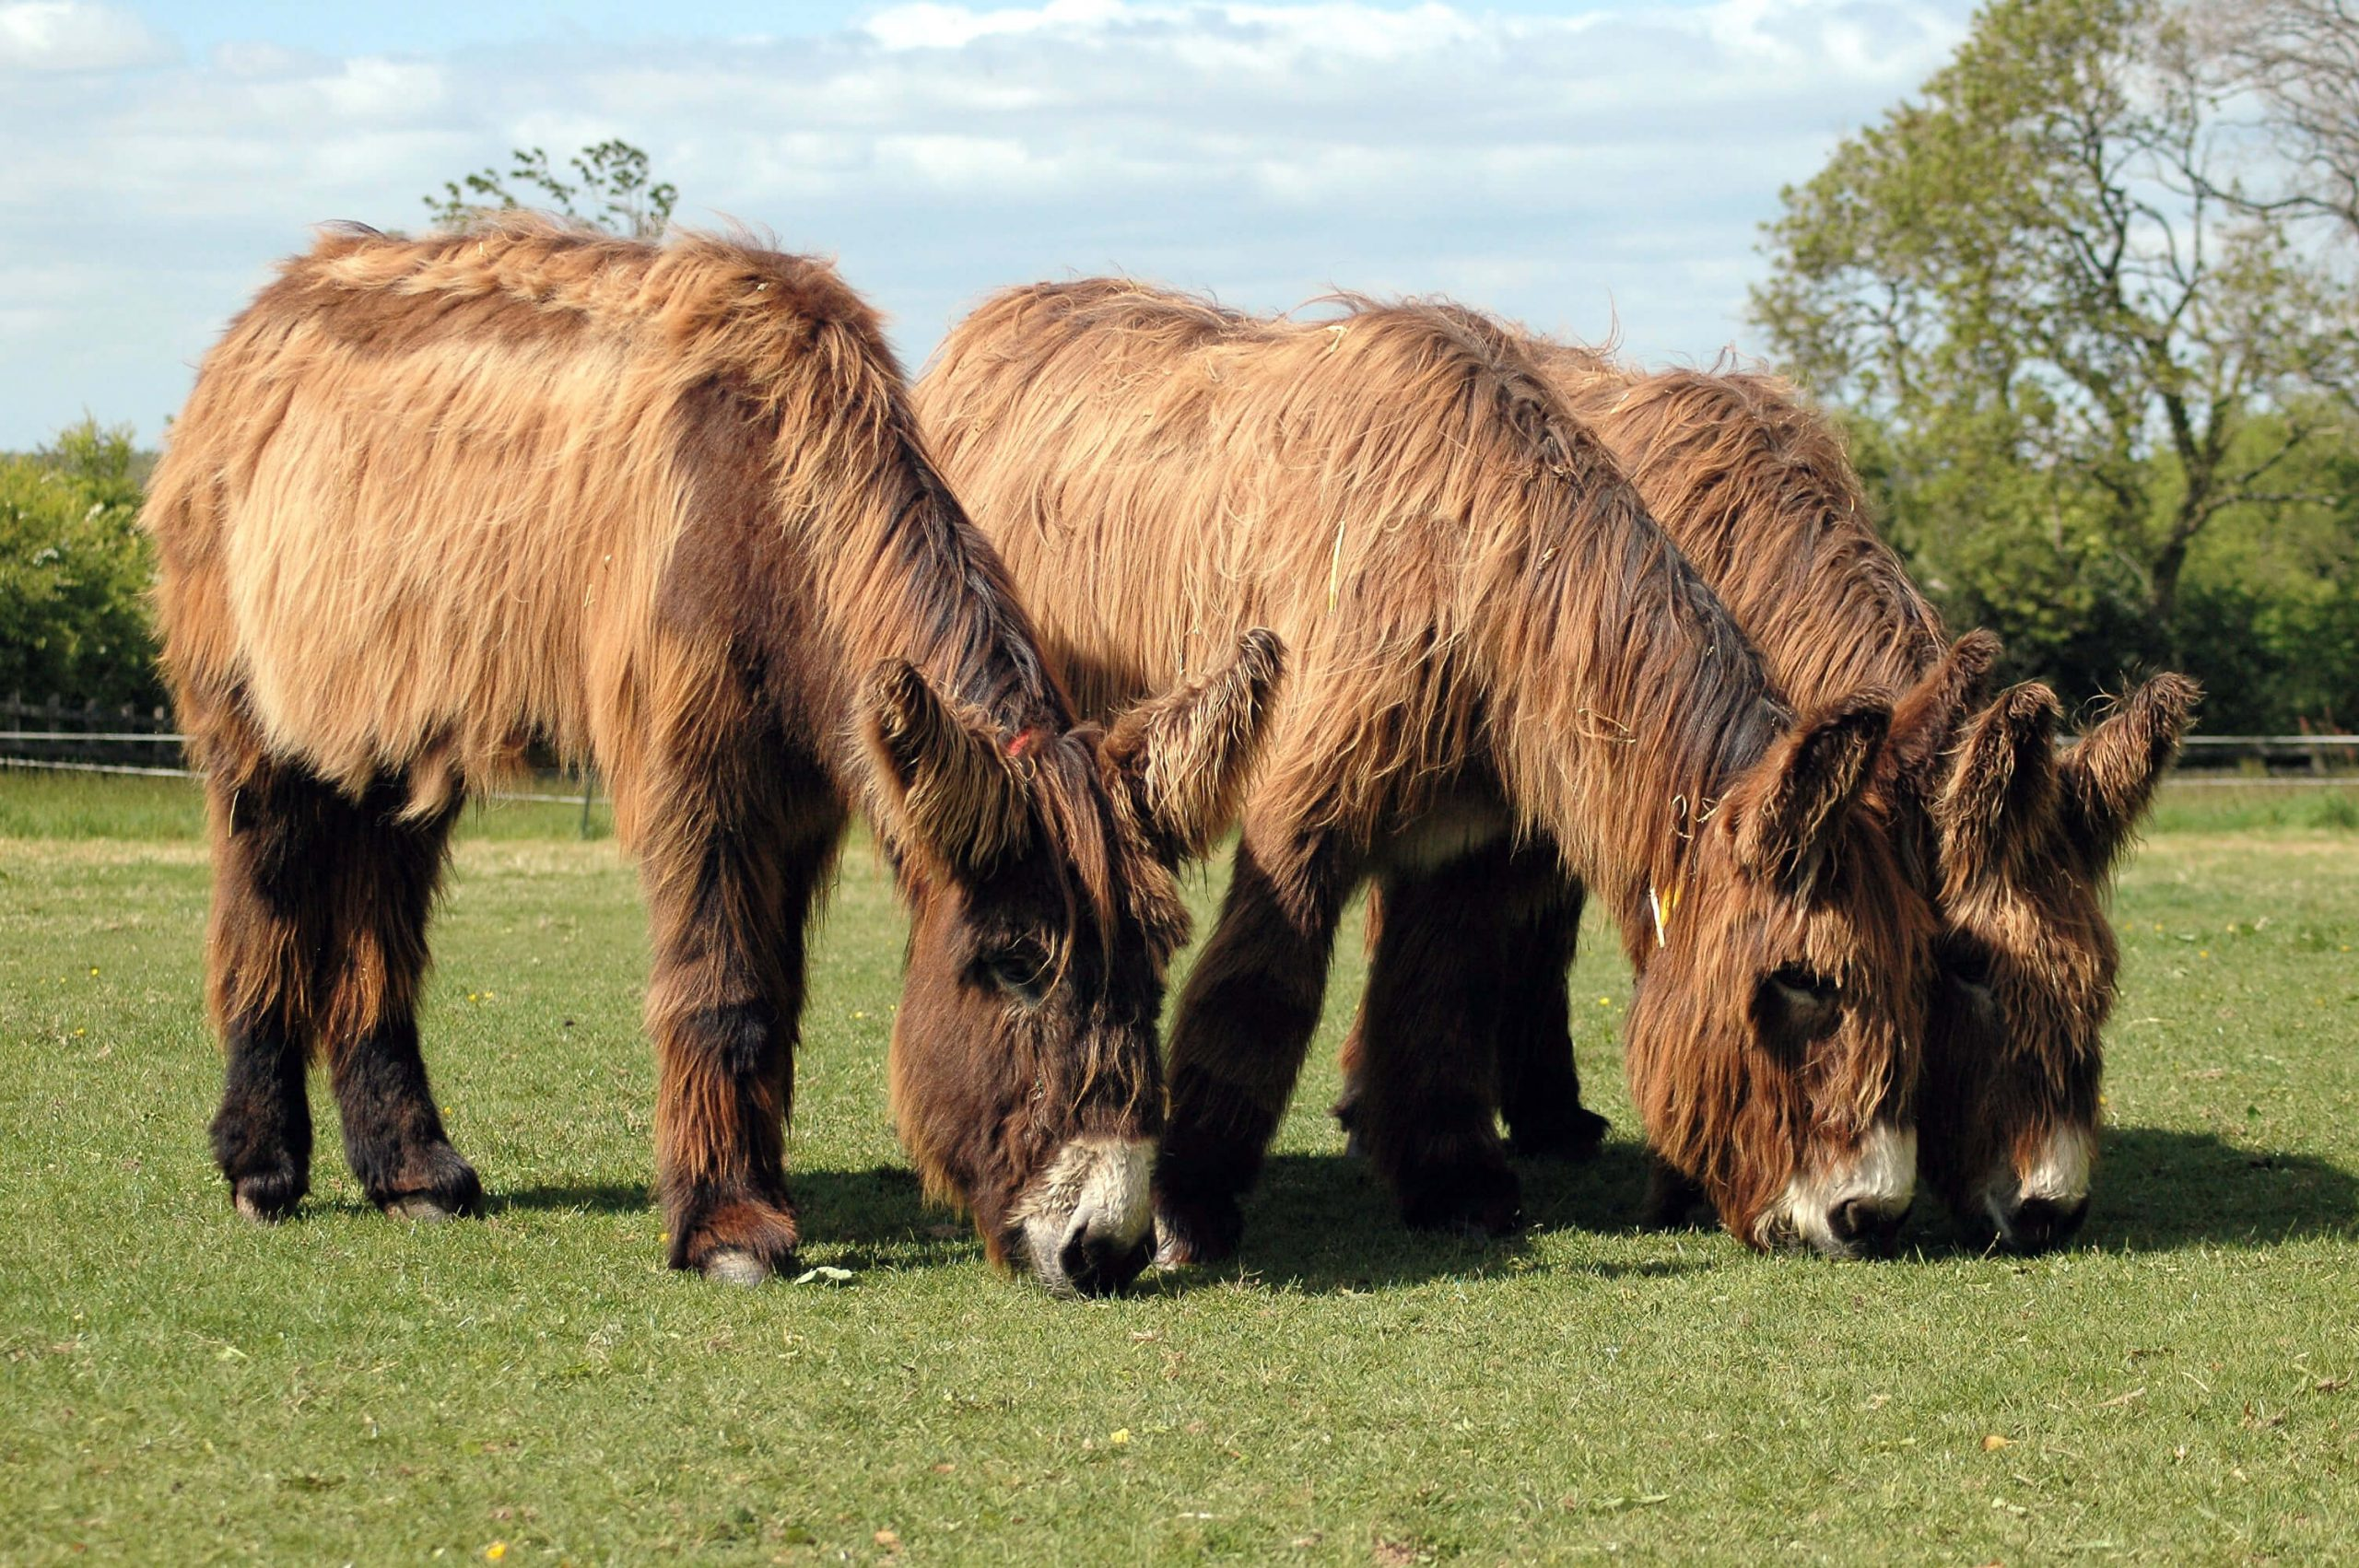 Poitou donkeys - The Donkey Sanctuary Sidmouth